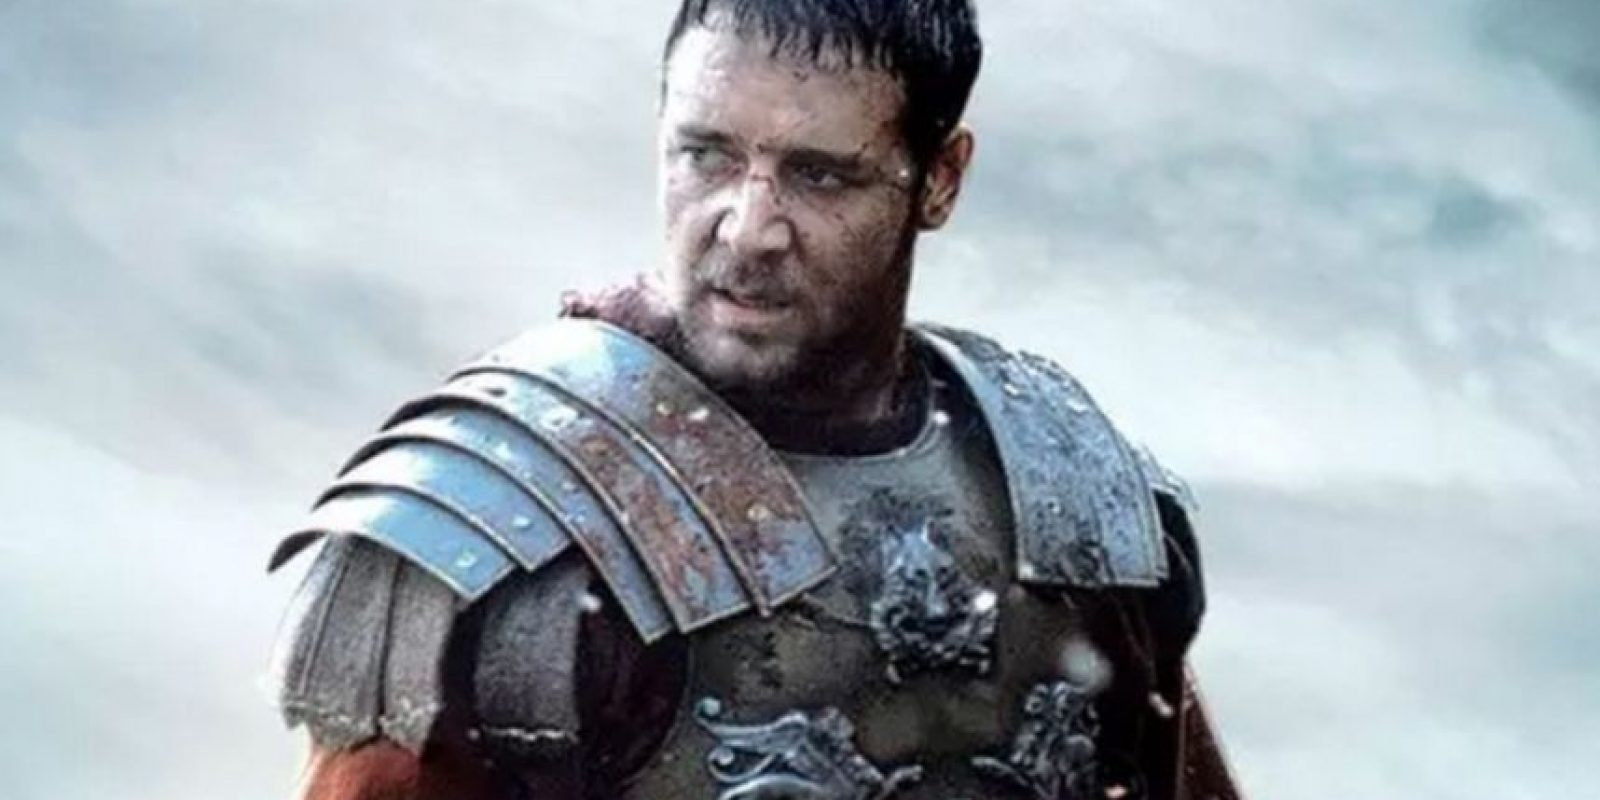 """8- """"Gladiator"""" es una película épica del género péplum estrenada en el año 2000. Ganó cinco Óscar en la 73º edición de la Academia estadounidense entre los que se destaca el de mejor película y mejor actor. Foto:Scott Free Productions"""